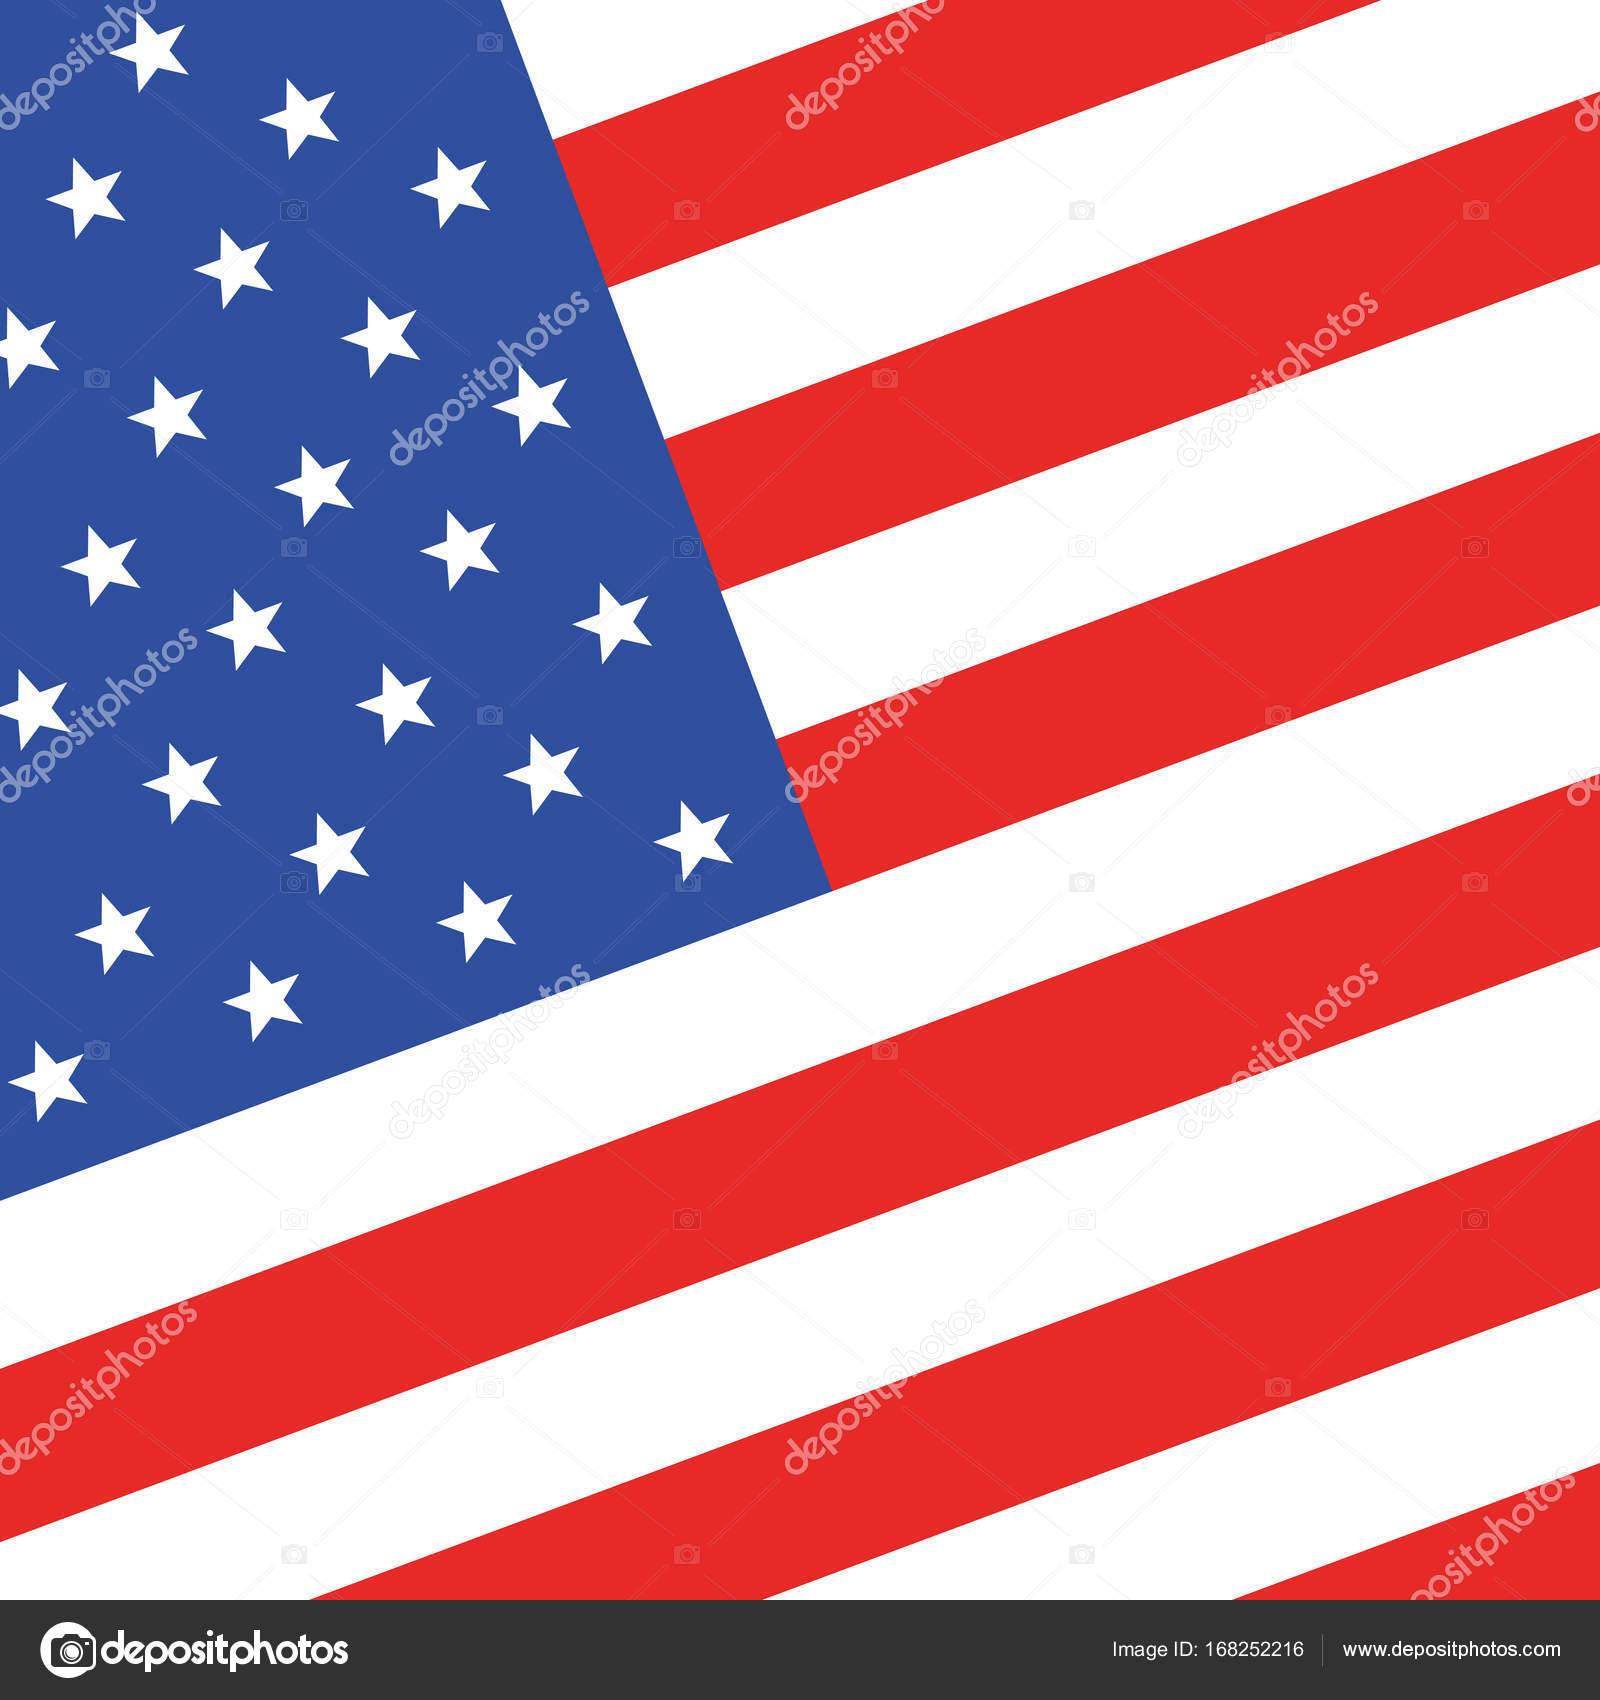 アメリカの国旗ベクトル イラスト ストックベクター Chekman1